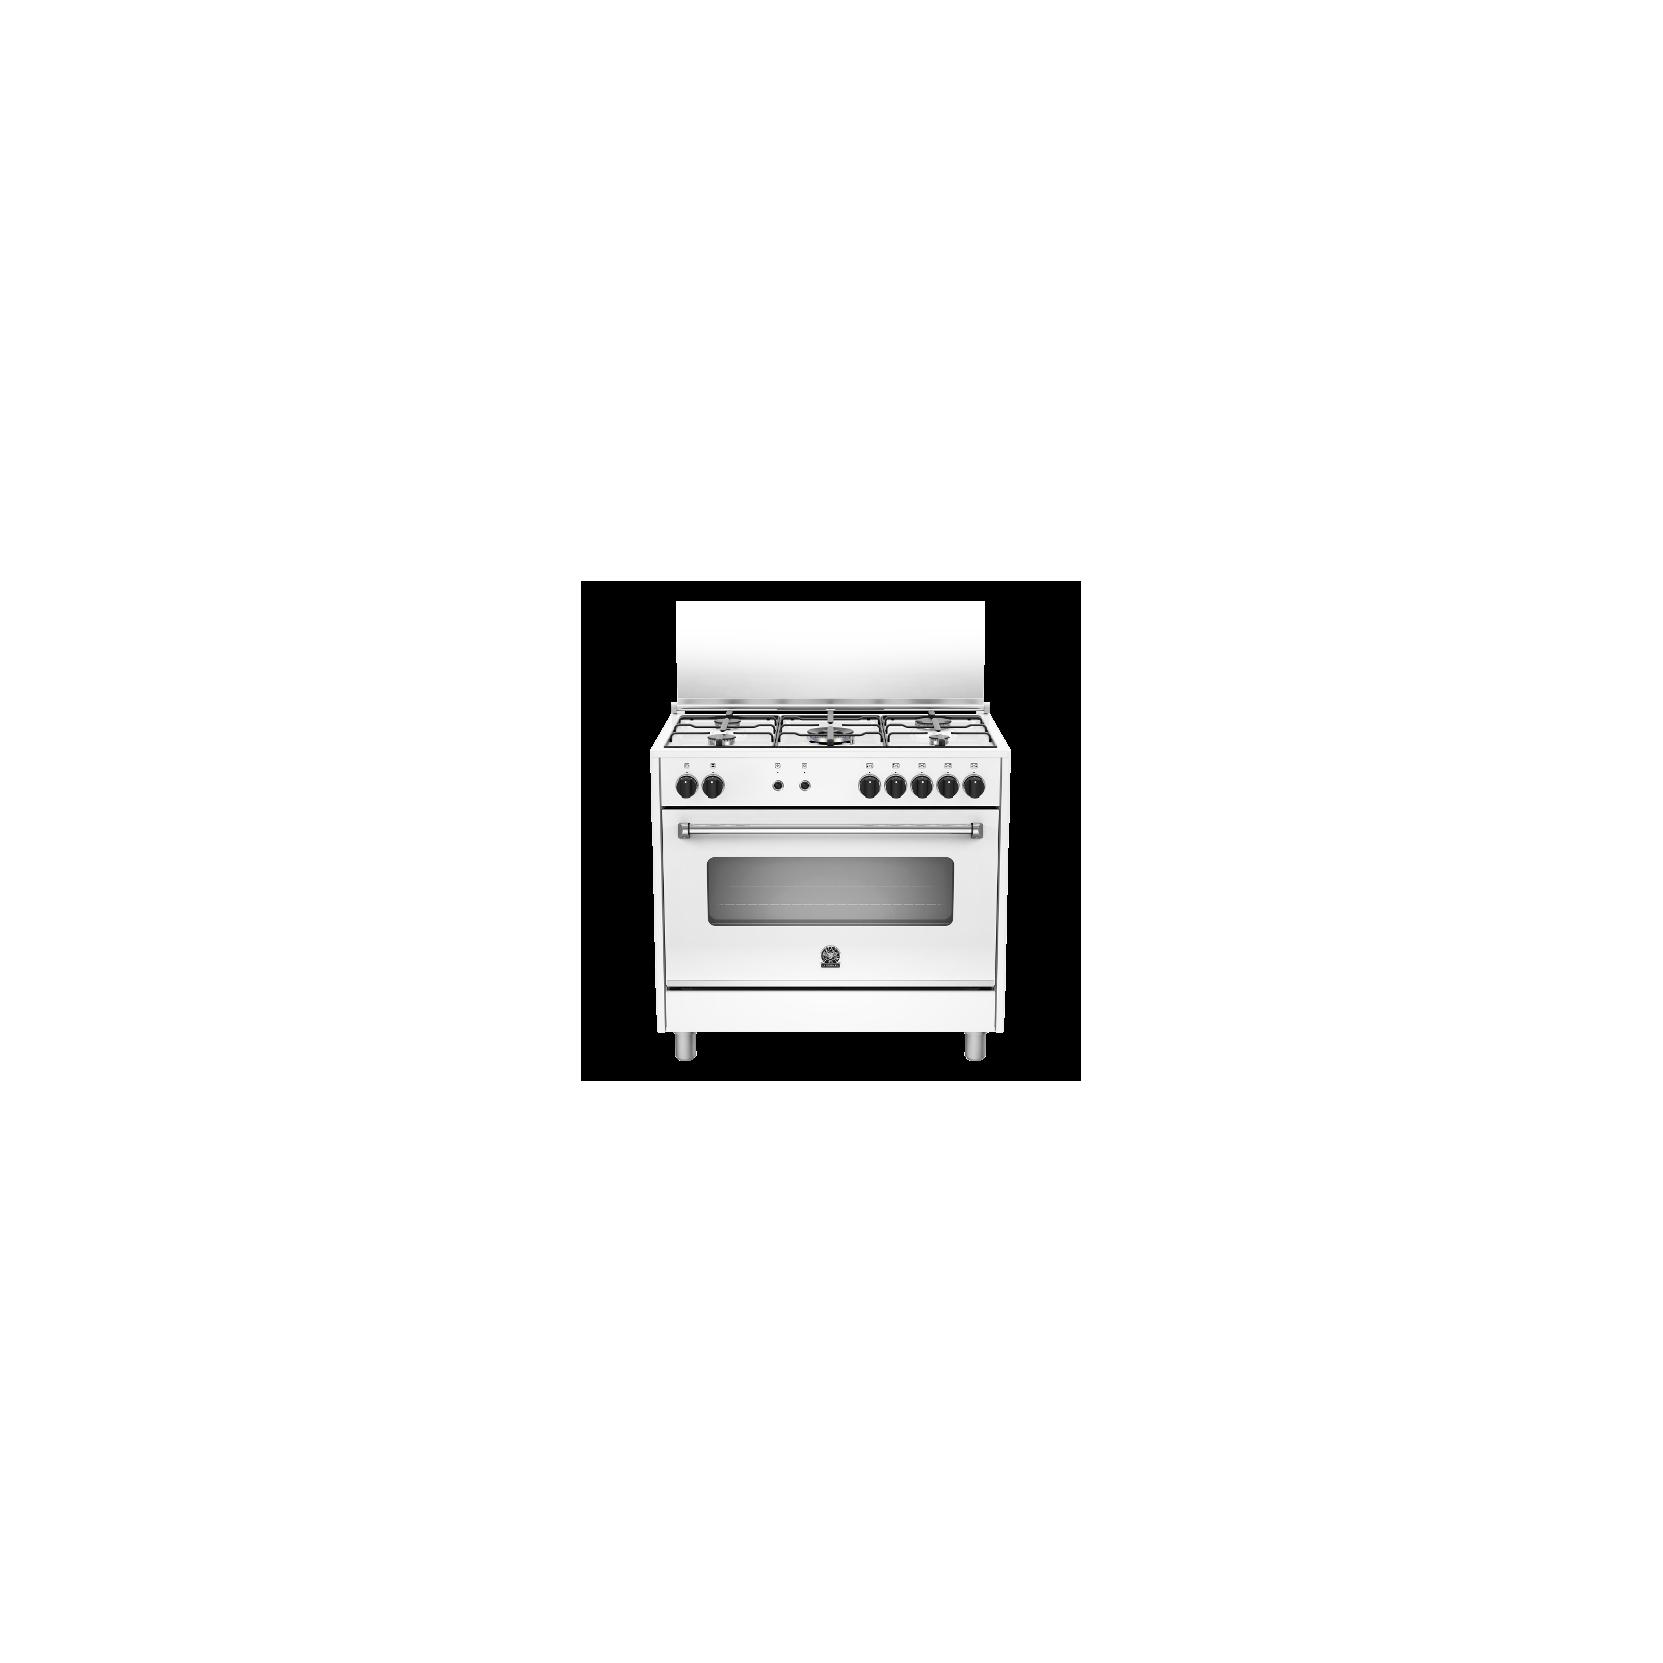 Cucine A Gas Con Forno Elettrico. Stunning Cucina Fuochi A Gas Con ...